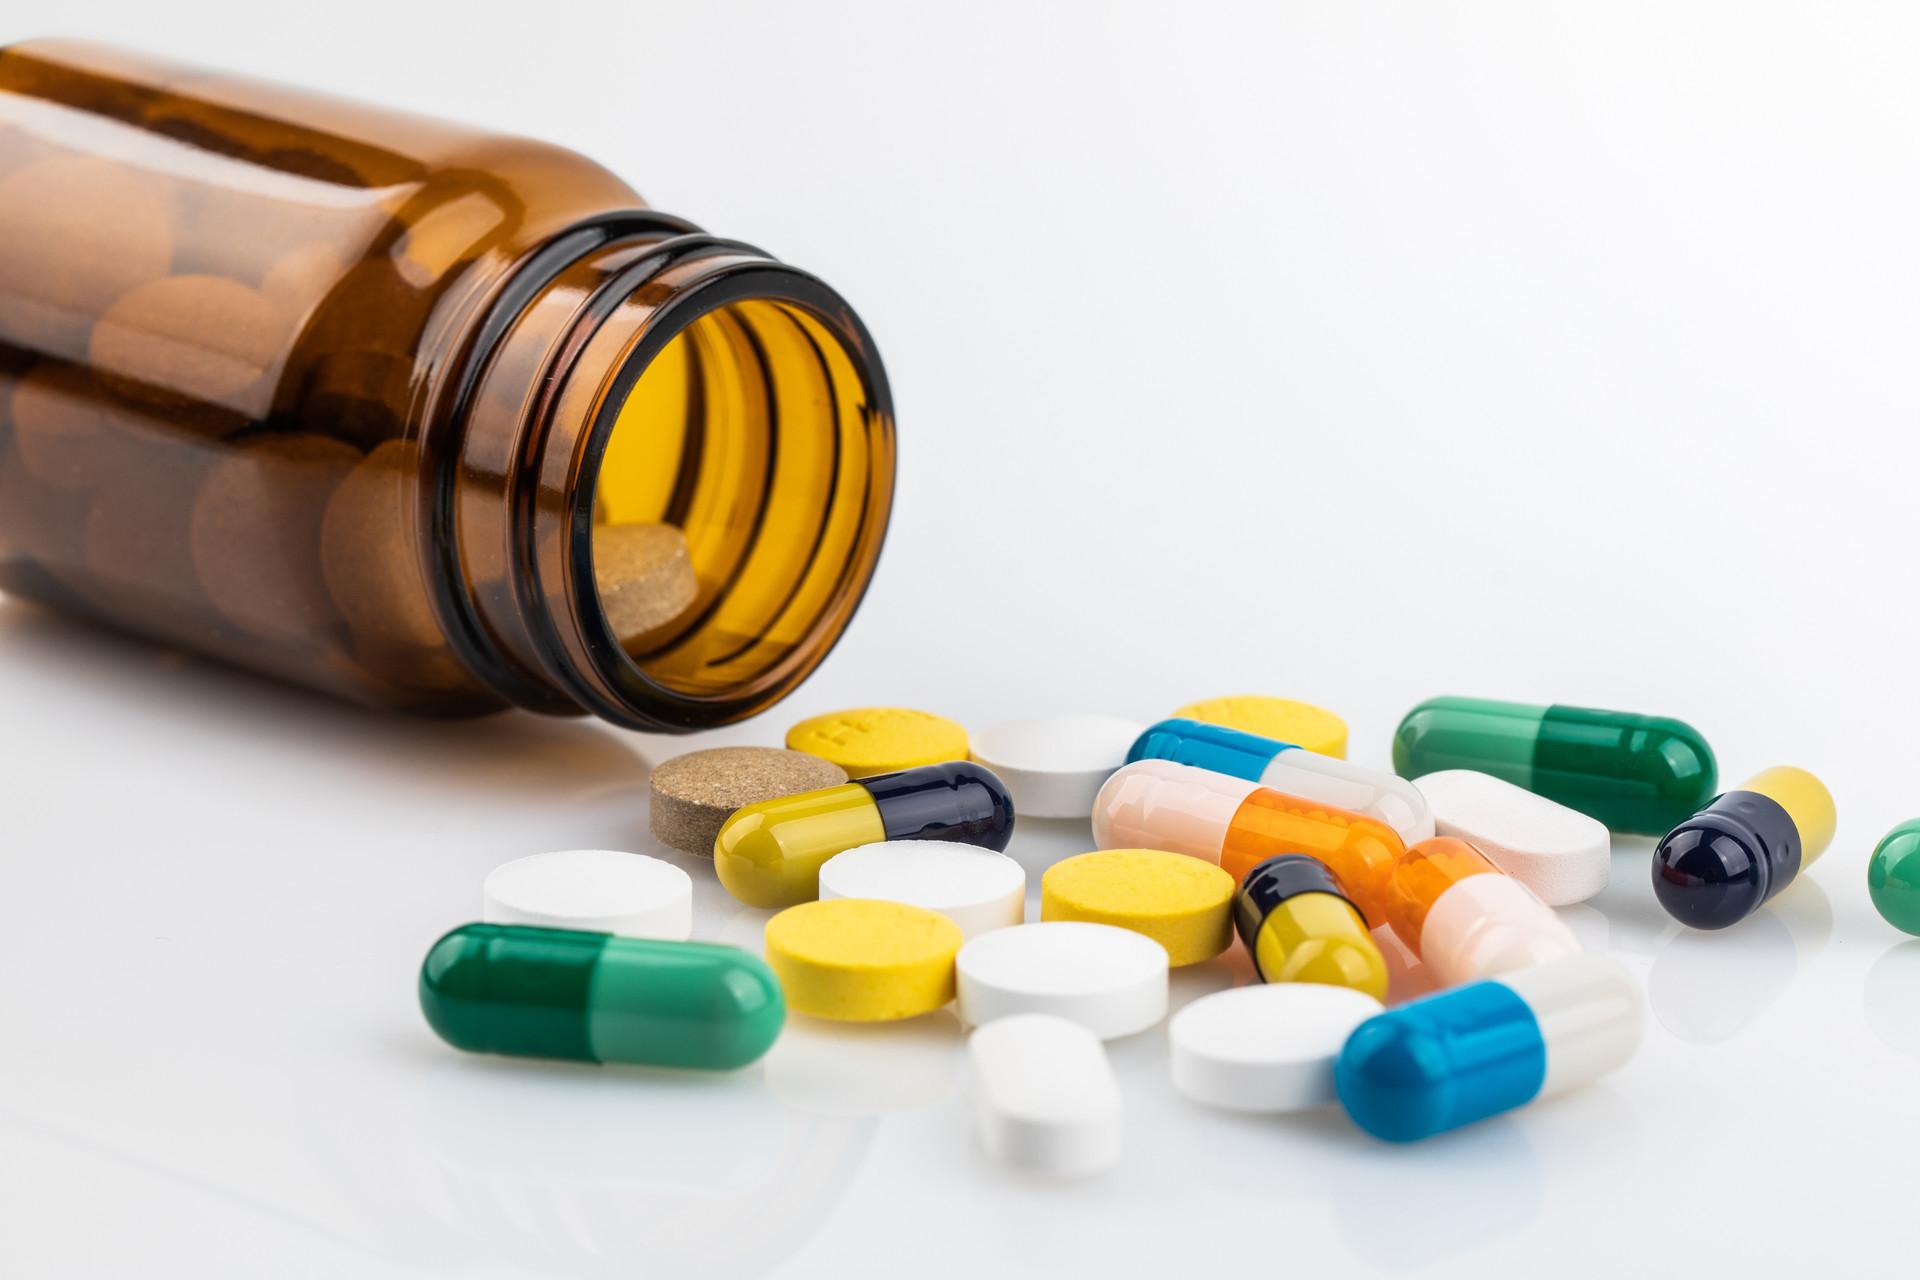 国家医保局:建立价格供应异常变动监测预警机制  短缺药品经营者不得有暴利、价格垄断等行为